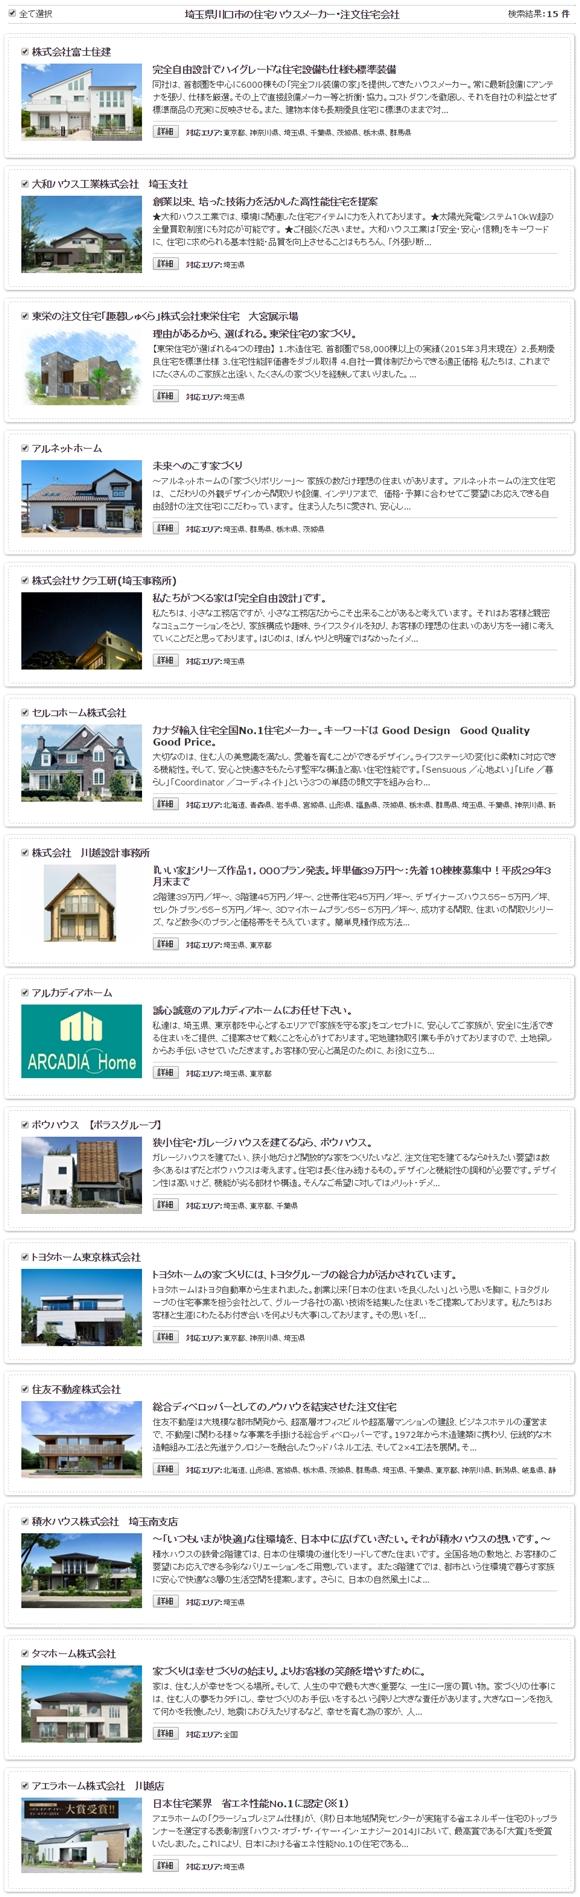 タウンライフ家づくり検索結果